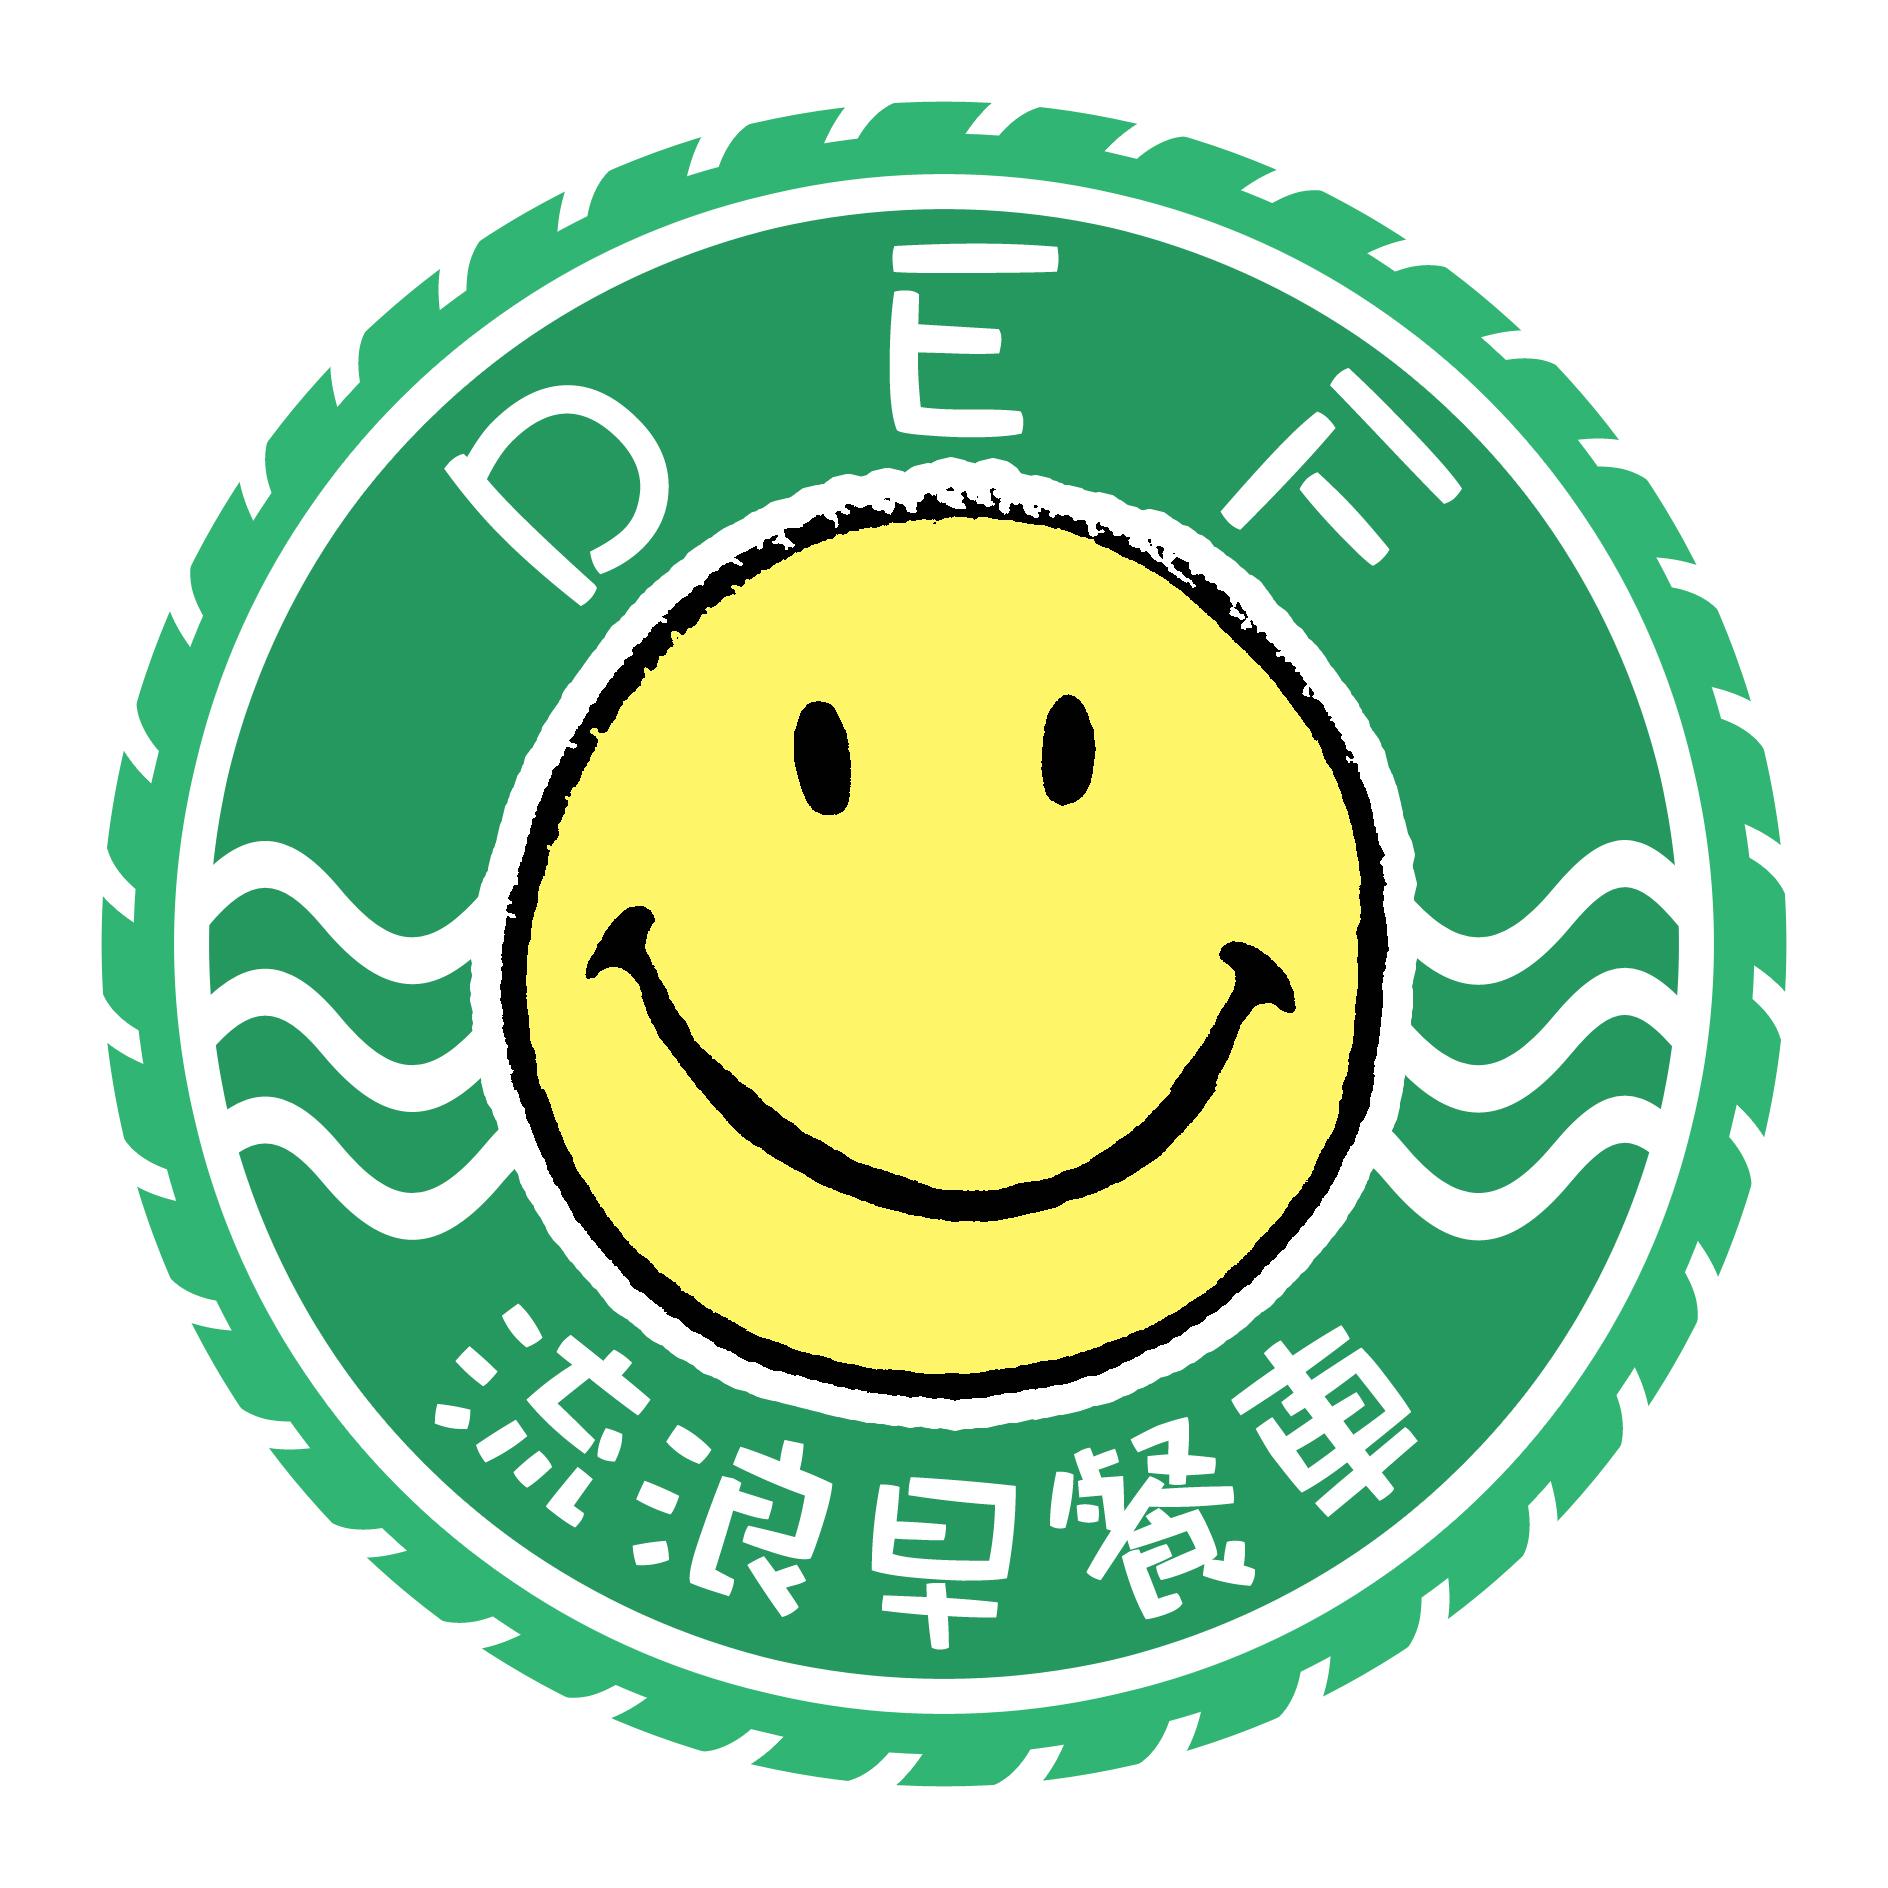 流浪車_logo 02.jpg